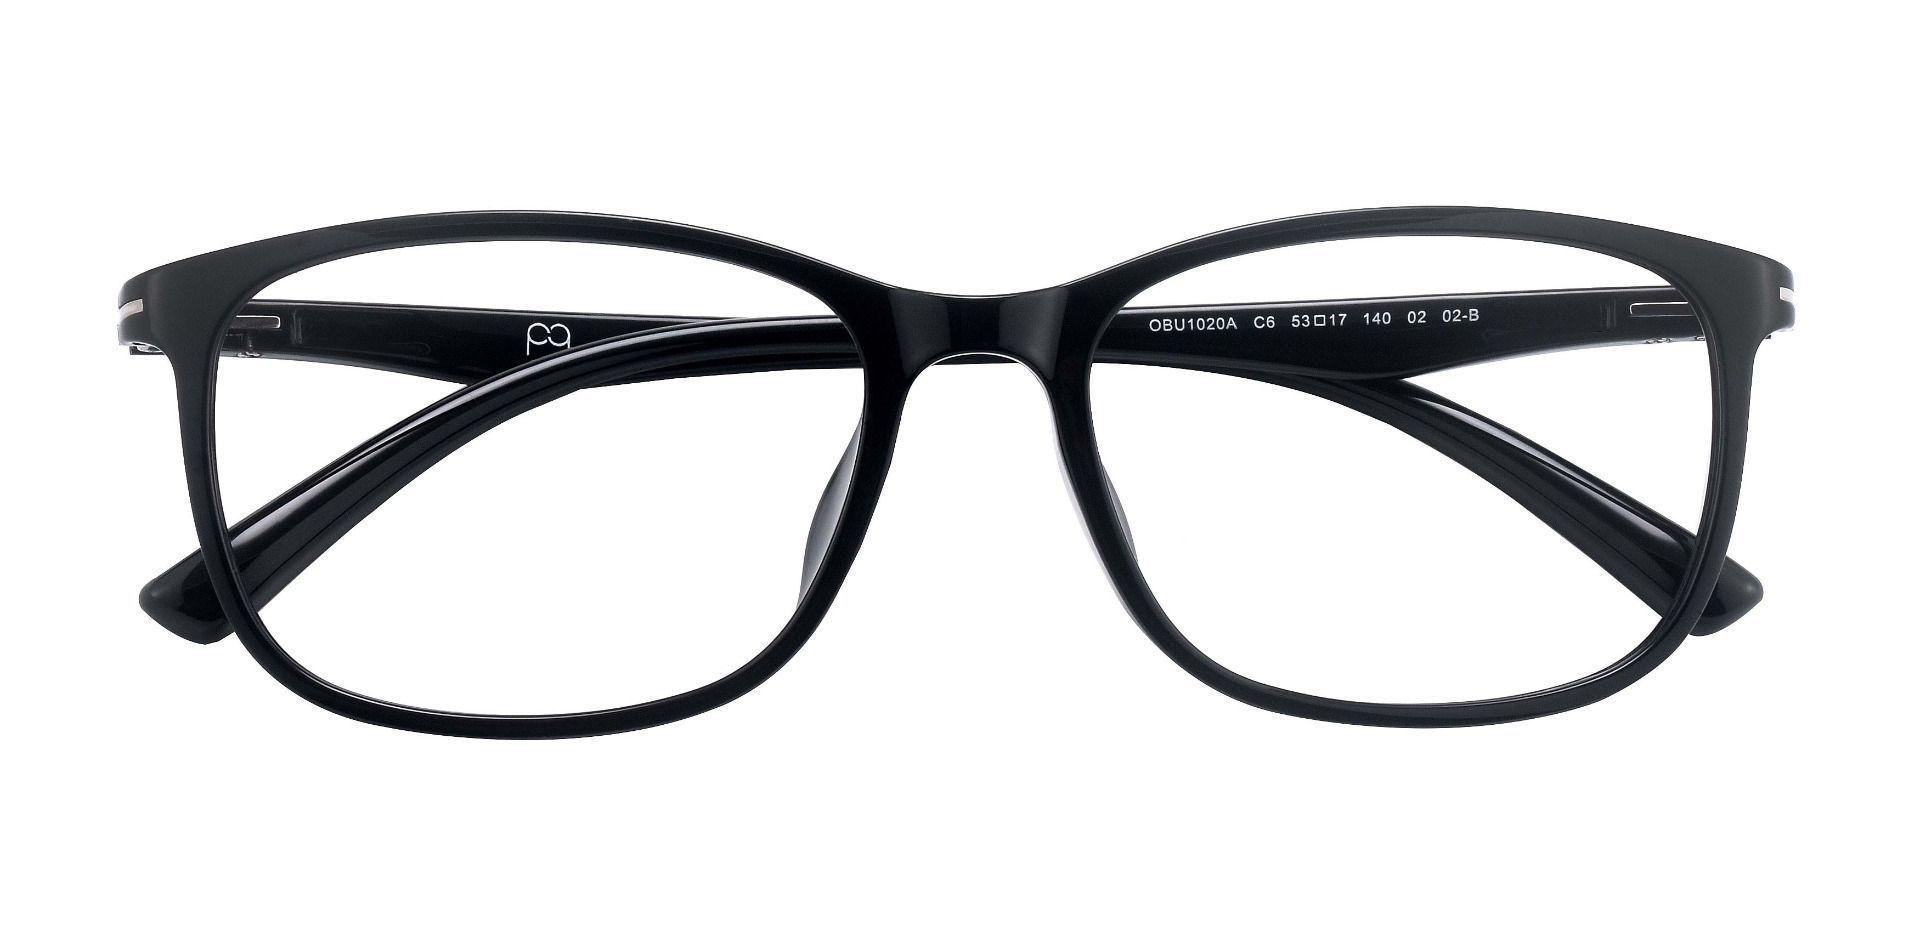 Gallant Oval Prescription Glasses - Black